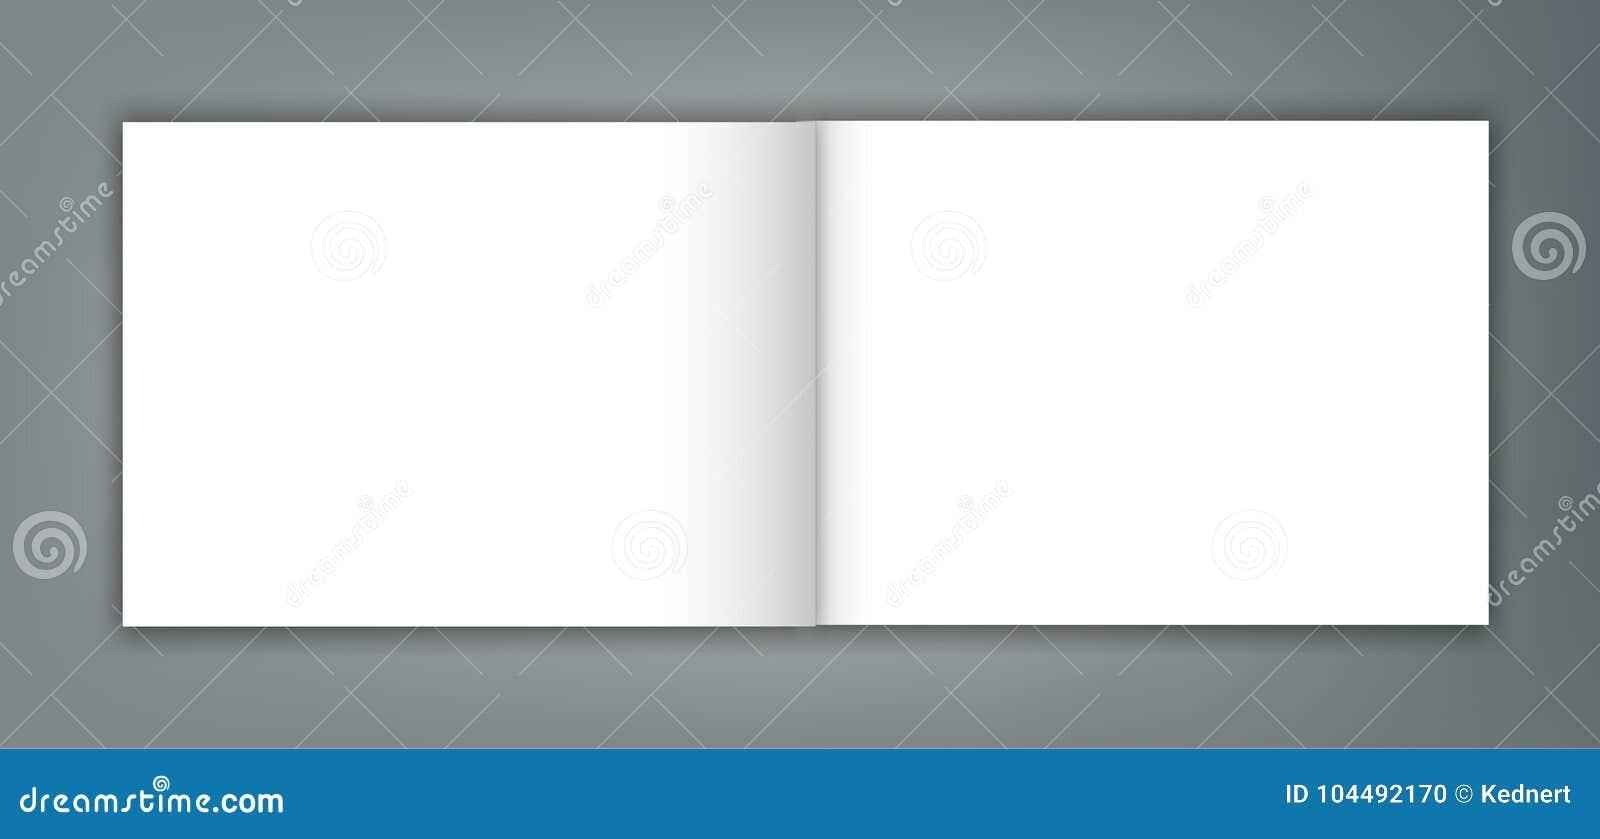 空白开放杂志编目小册子大模型盖子模板